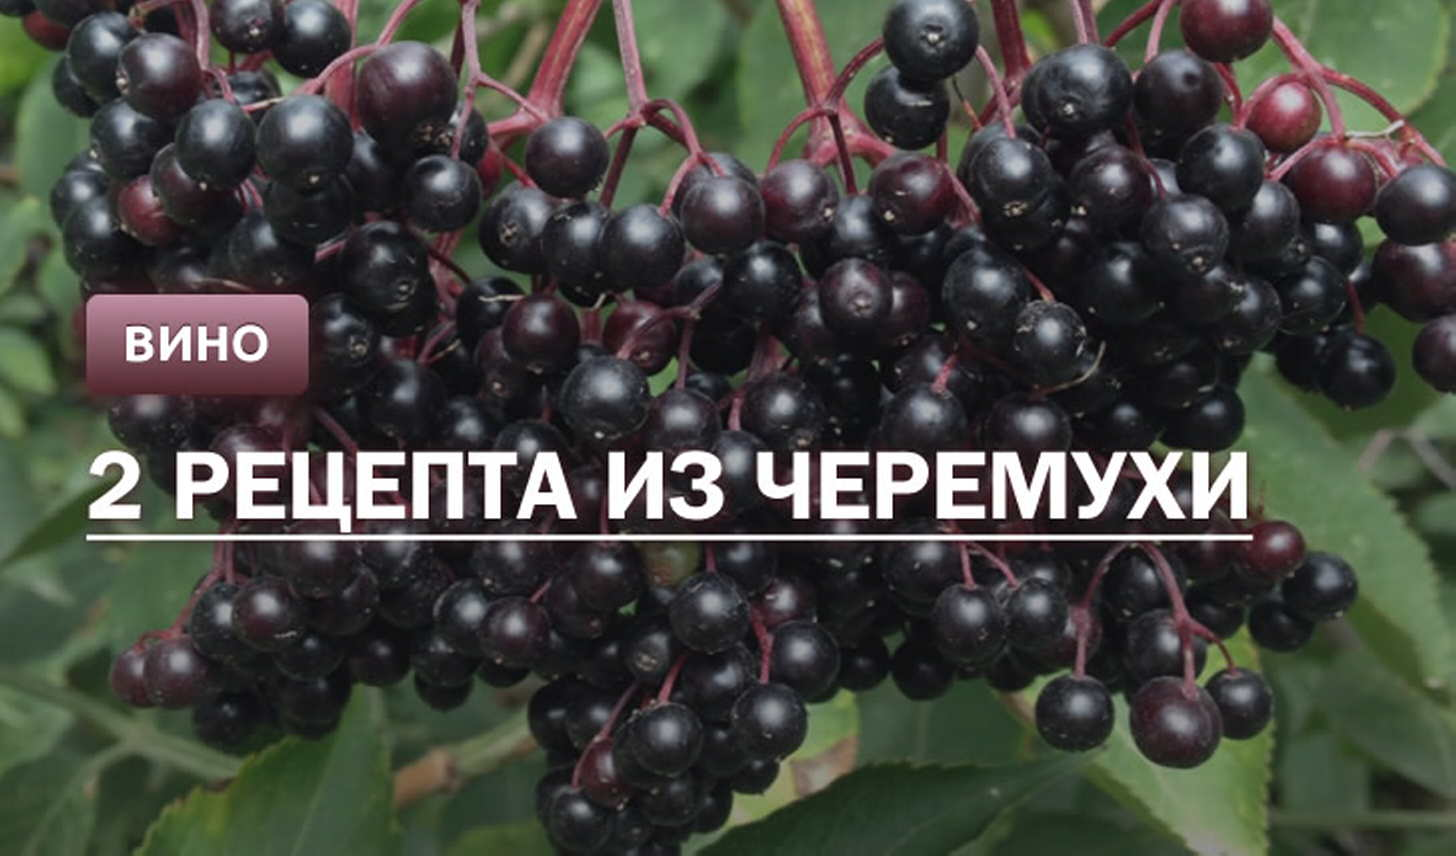 Вино из черемухи: оригинальные рецепты приготовления